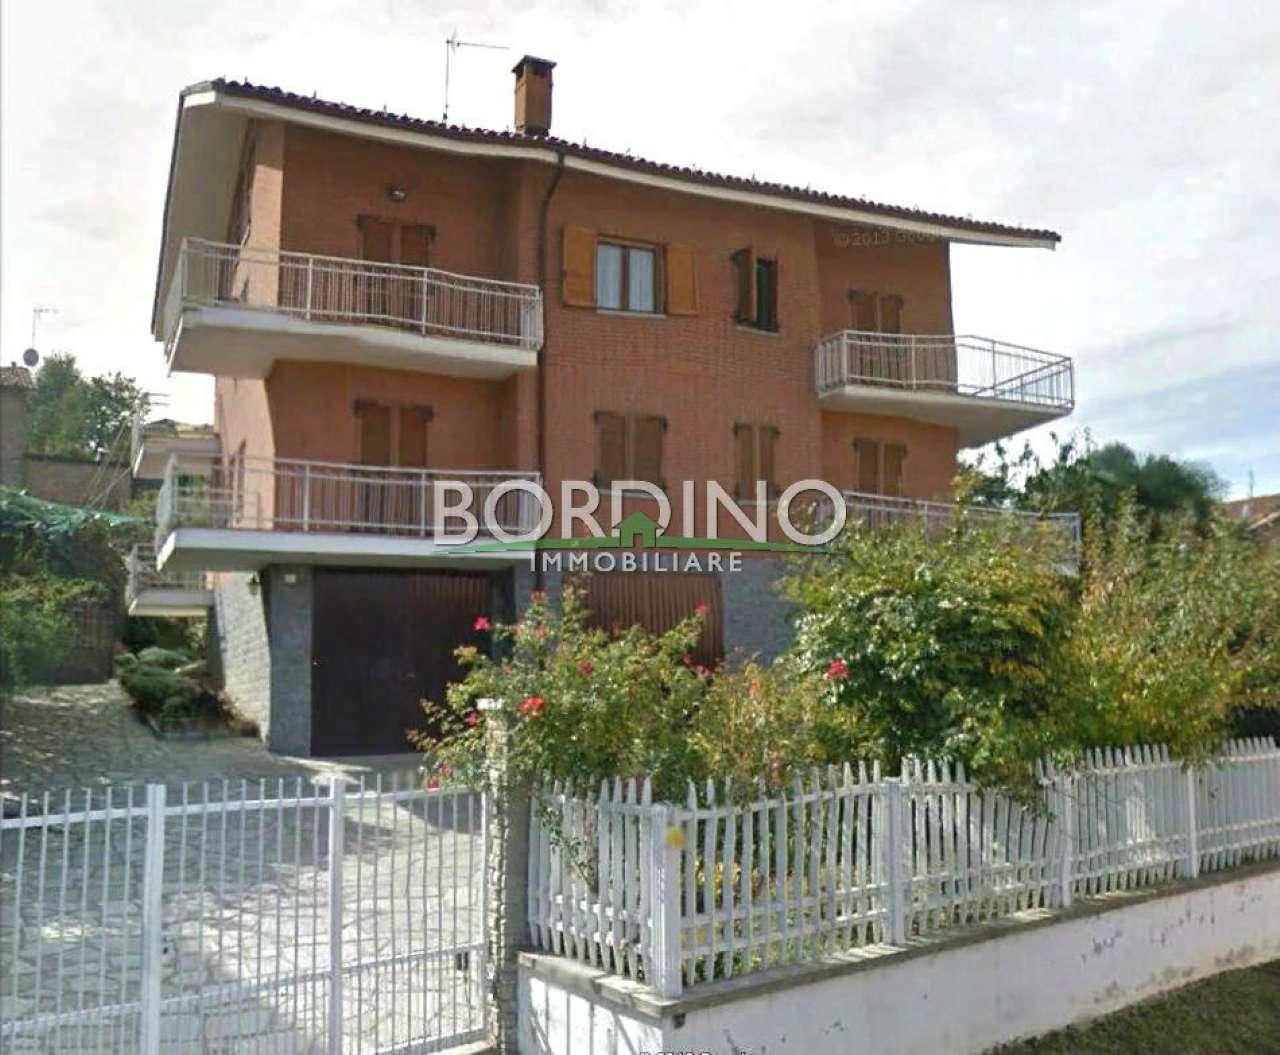 Soluzione Indipendente in vendita a Magliano Alfieri, 12 locali, prezzo € 260.000 | CambioCasa.it